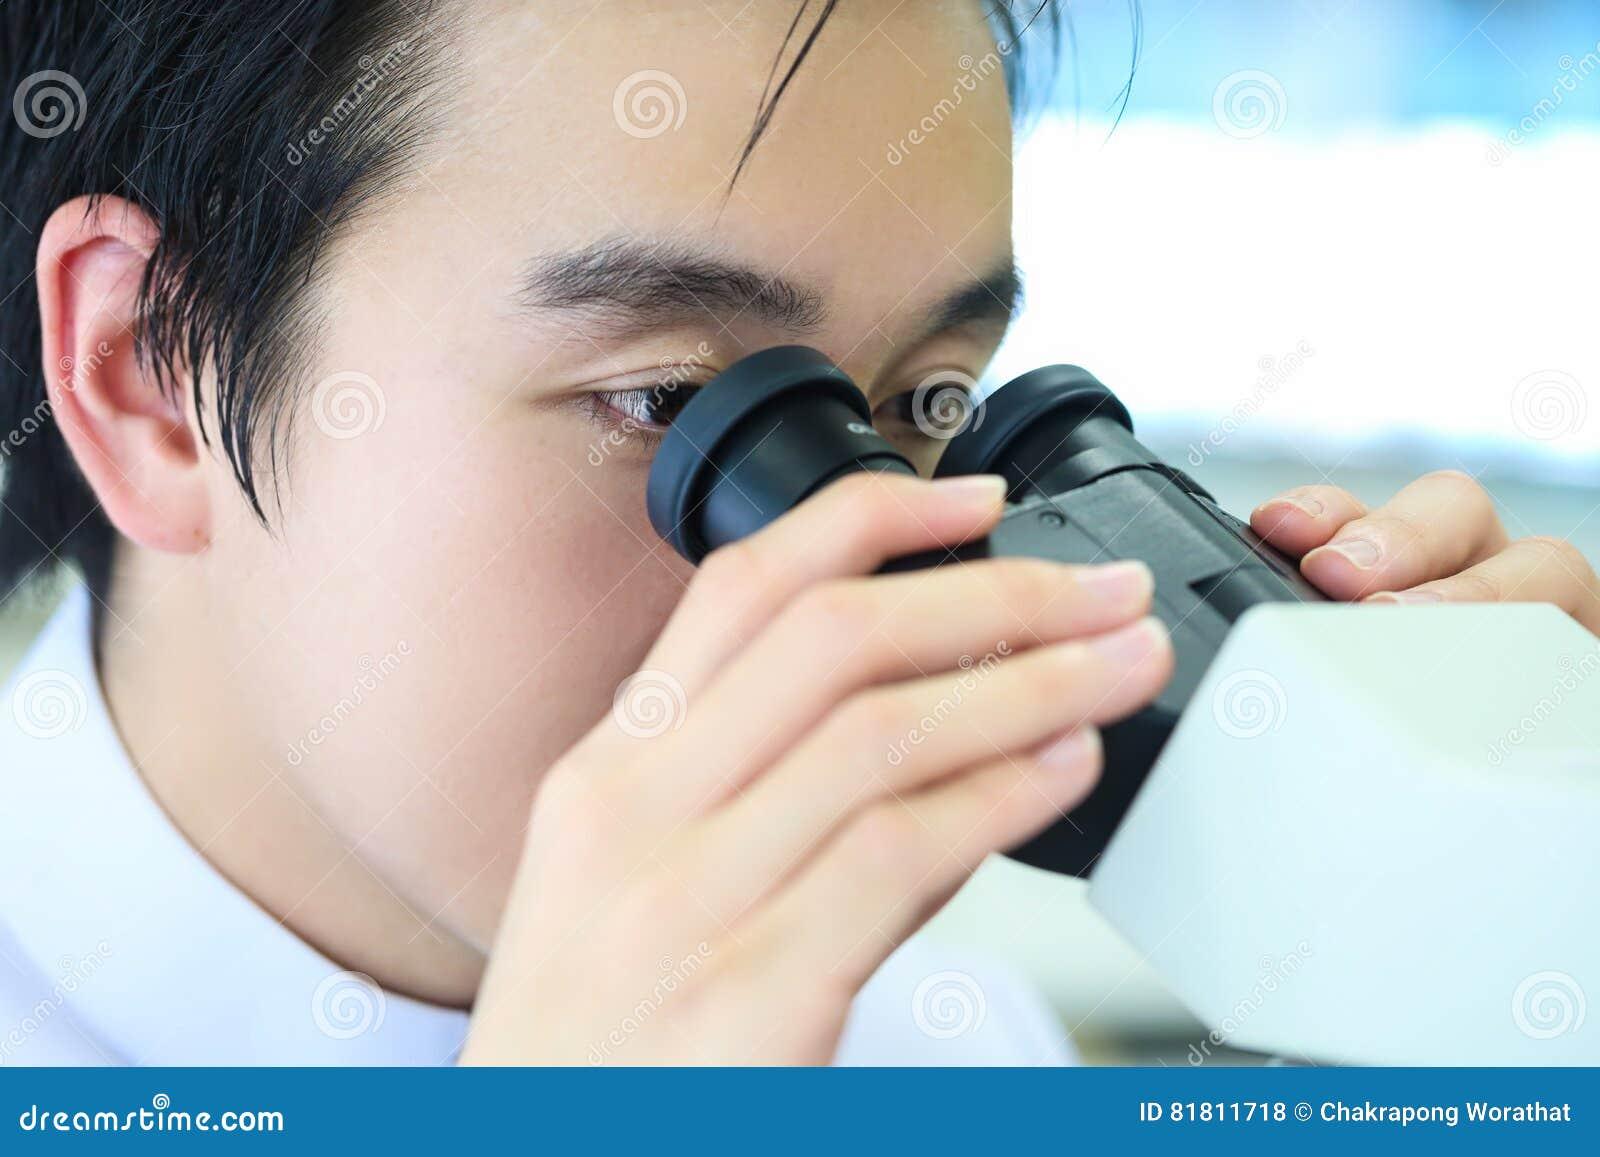 Ученый используя микроскоп на работе в лаборатории